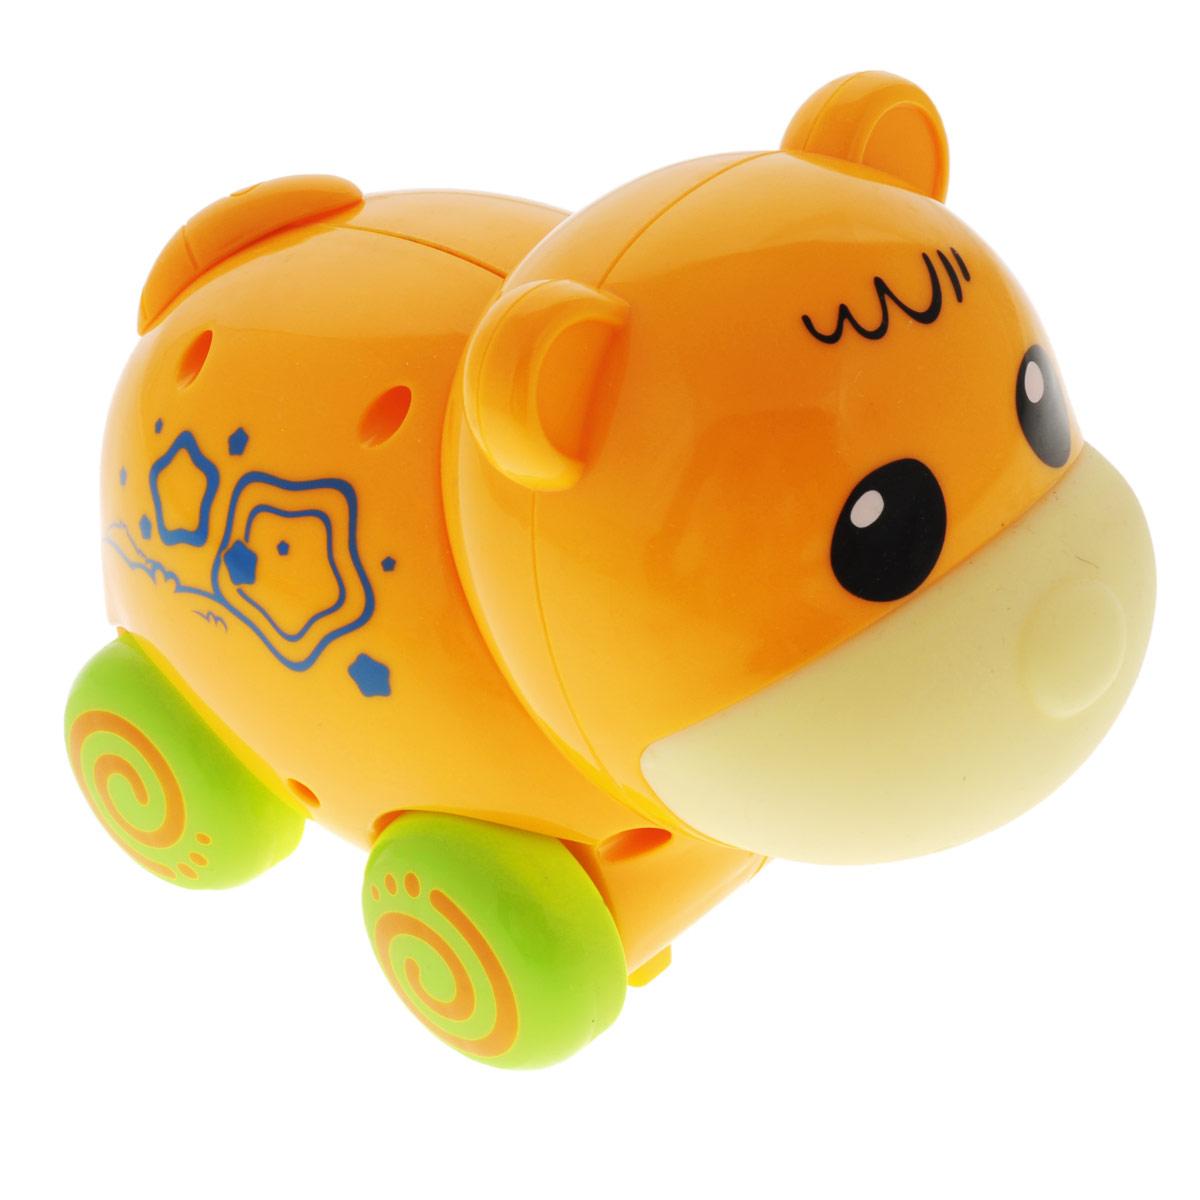 """Игрушка Mioshi Active """"Зверята: Мишка"""", цвет: оранжевый, Samewin Plastic Toys Factory"""